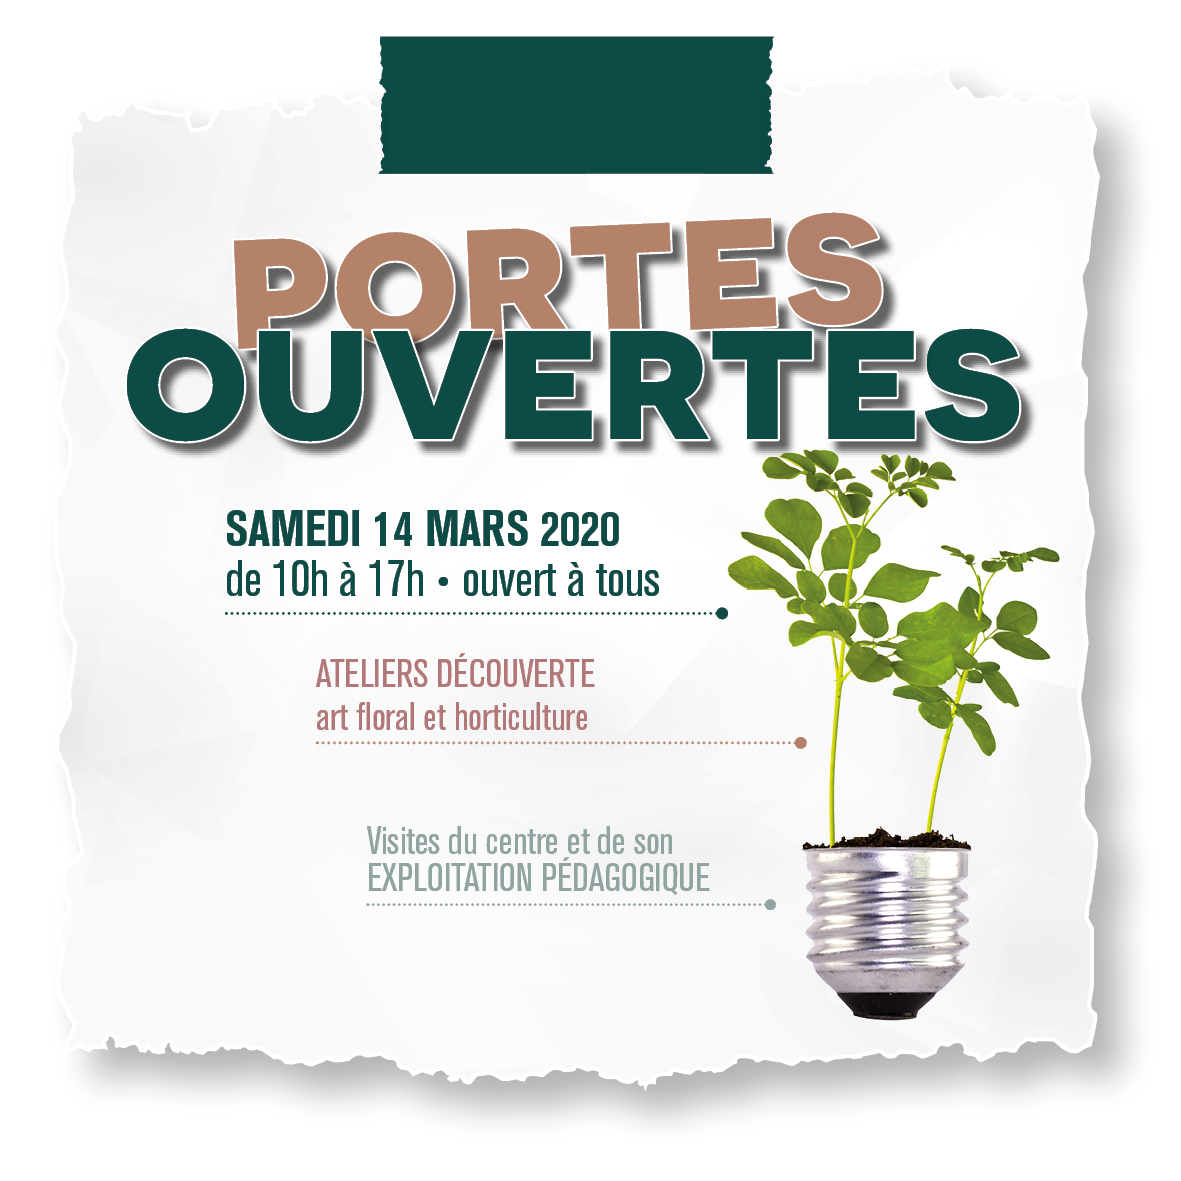 Portes-ouvertes-2020-CNPH-PIVERDIERE